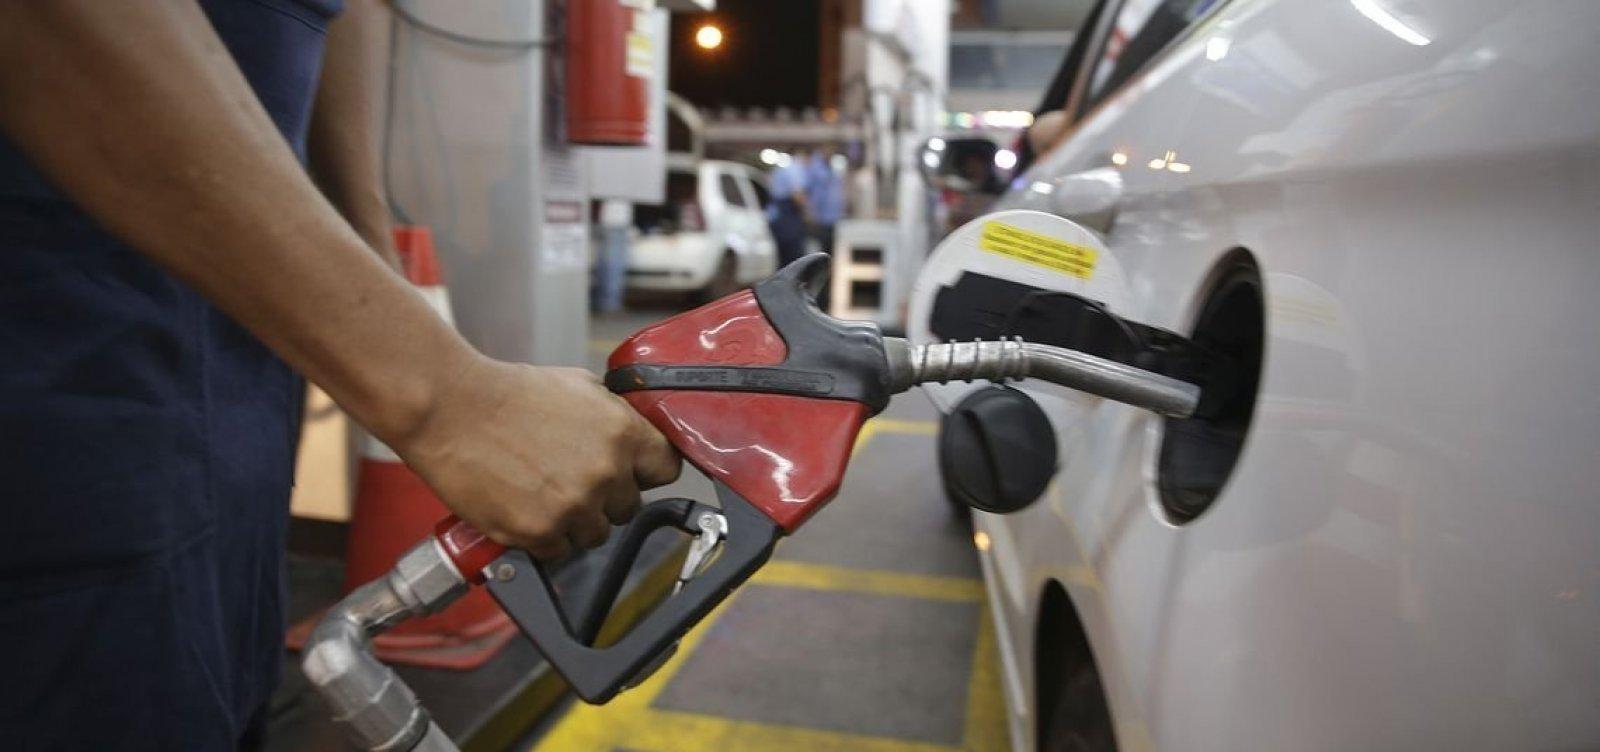 [Petrobras aumenta em 10% preço da gasolina a partir desta terça]